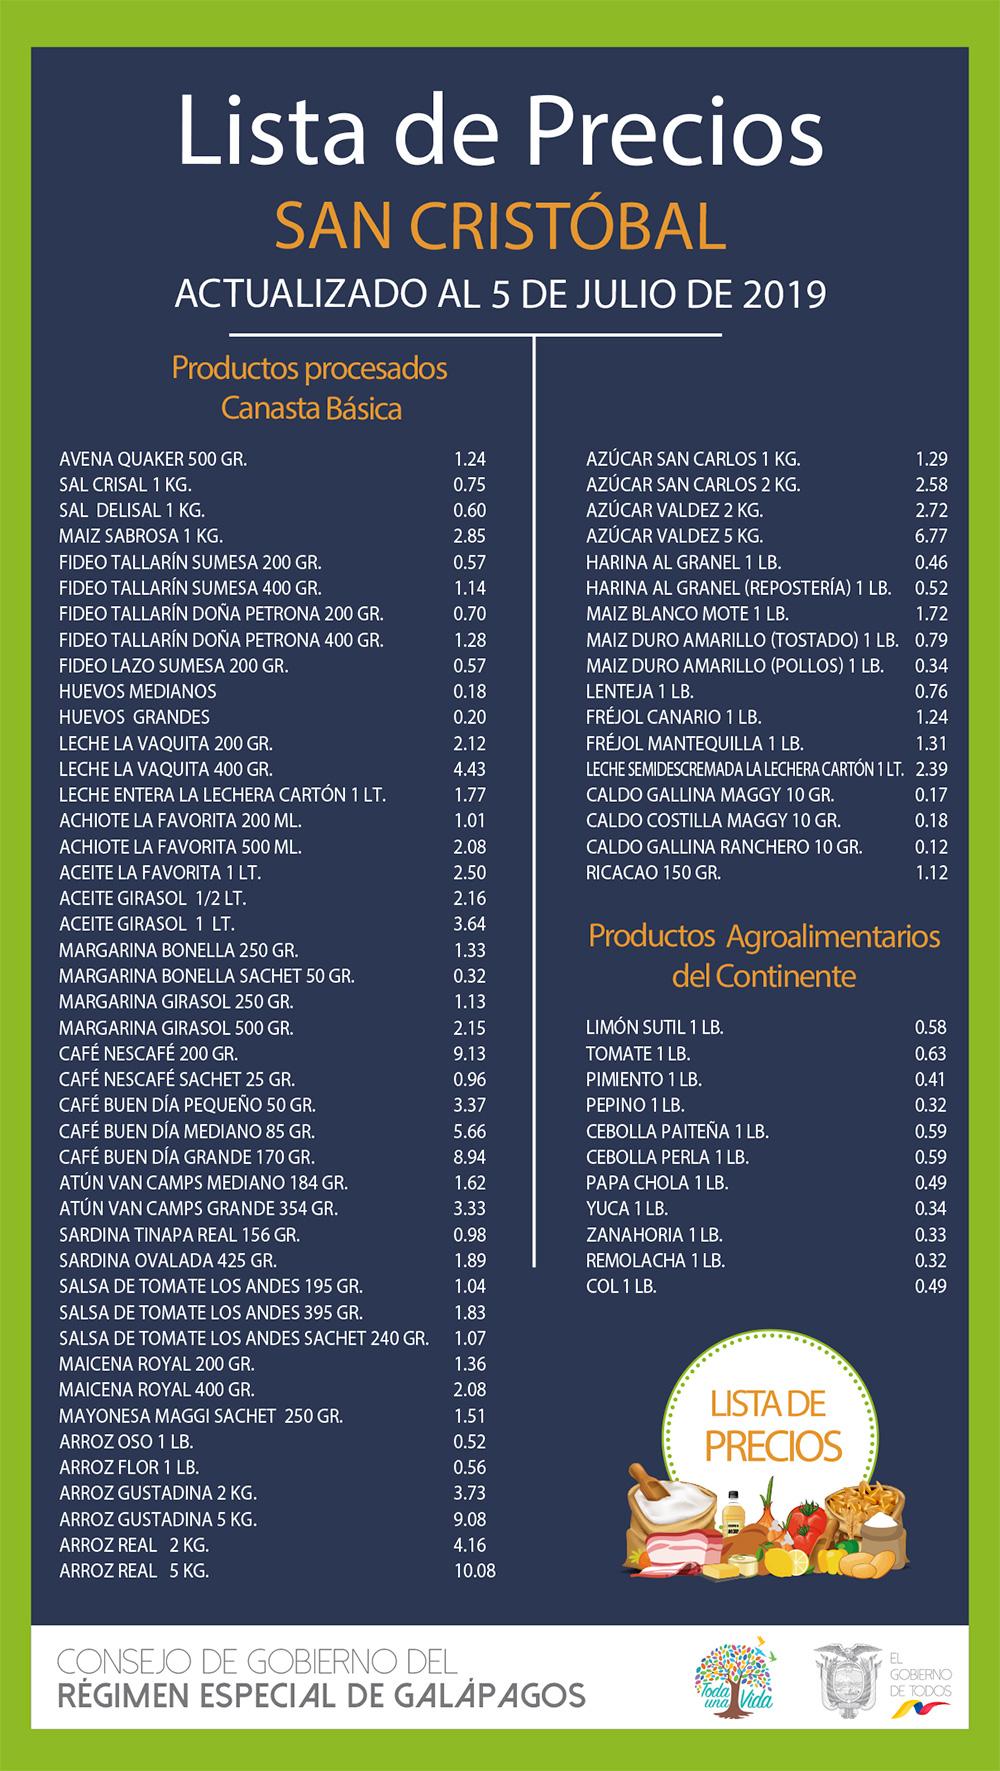 lista_precios_JULIO-Scy